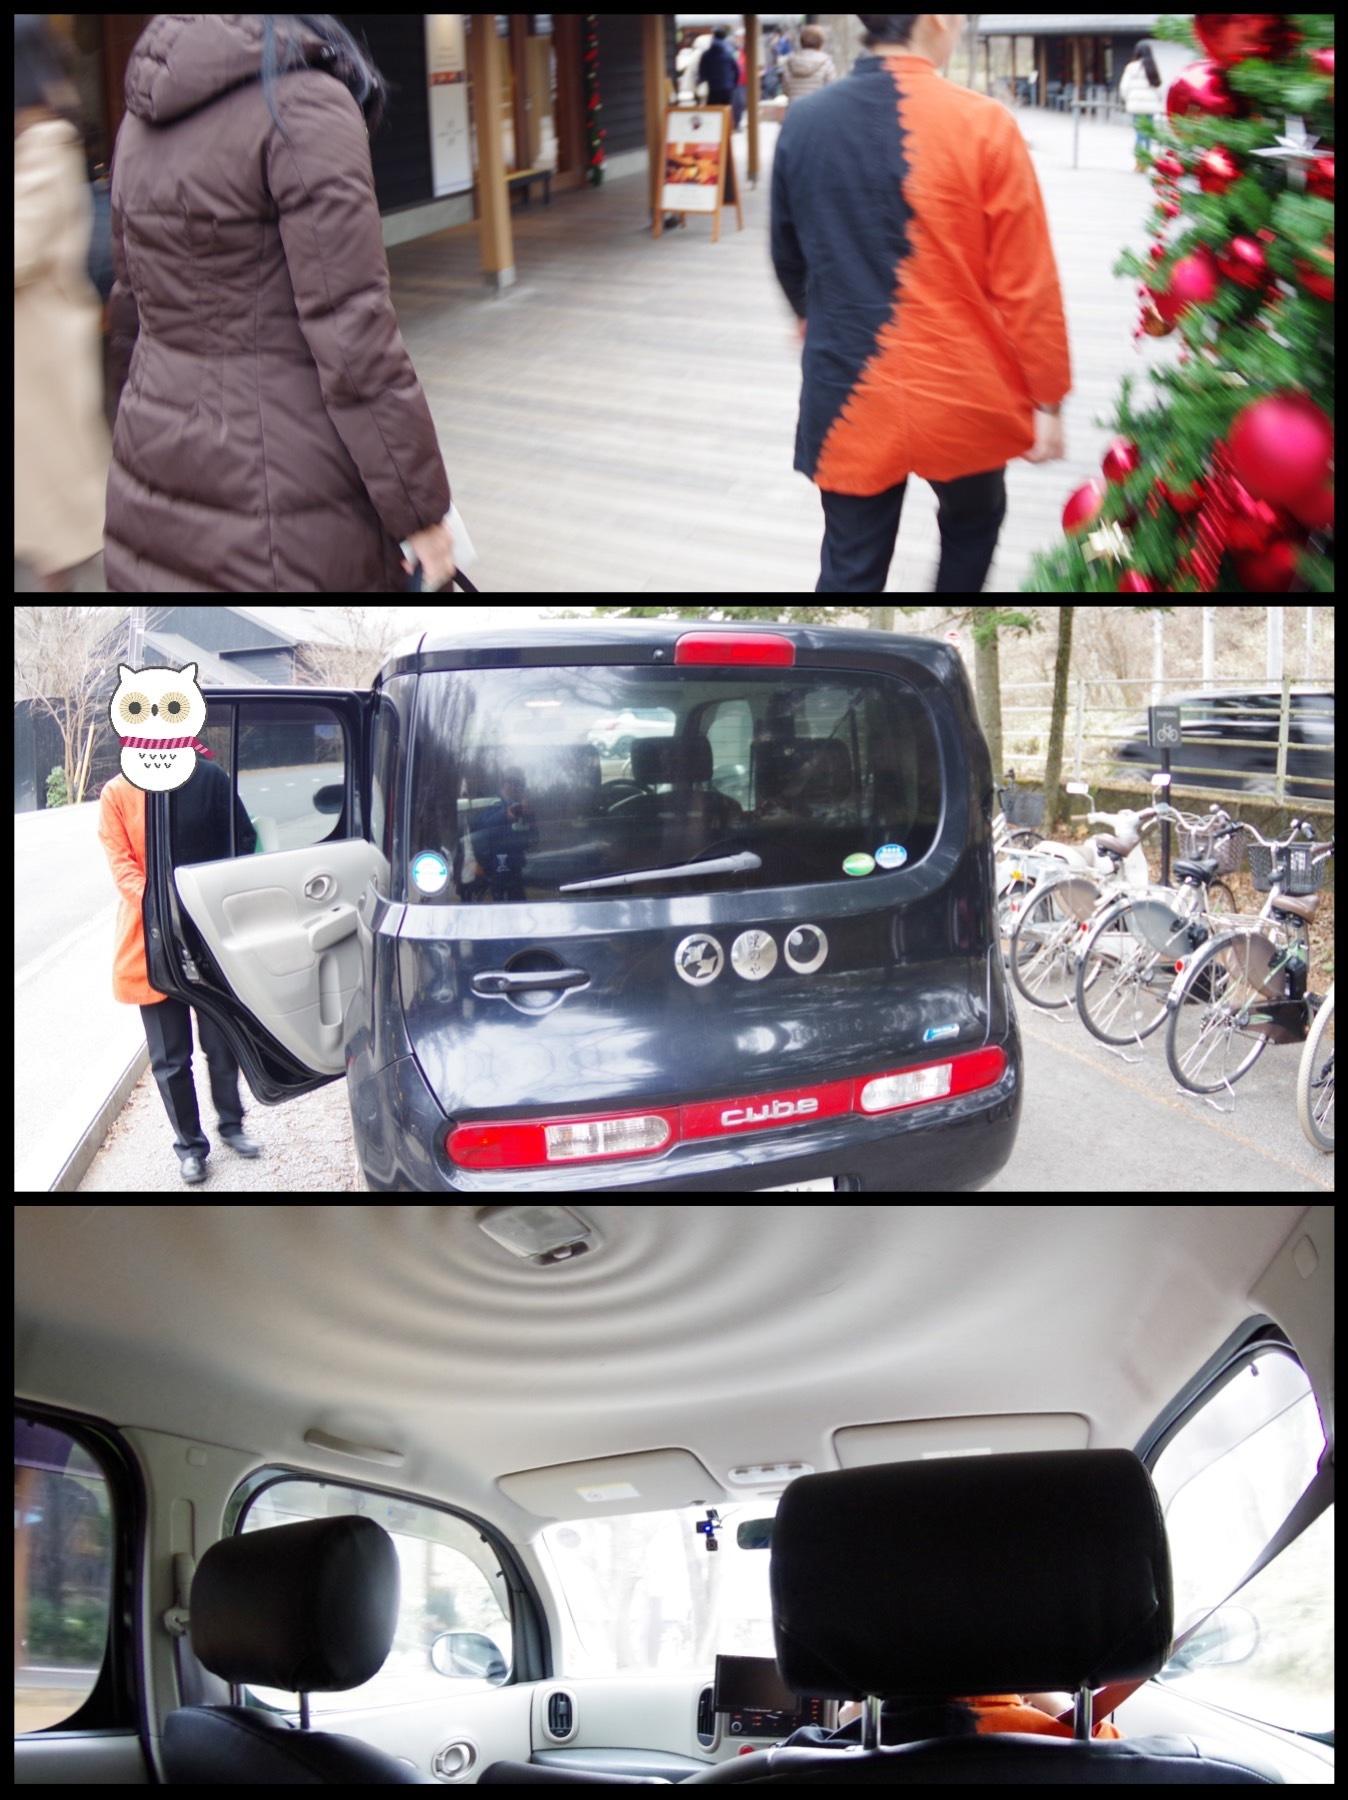 軽井沢 星のリゾート ハルニレテラス 星のや軽井沢専用車お迎え